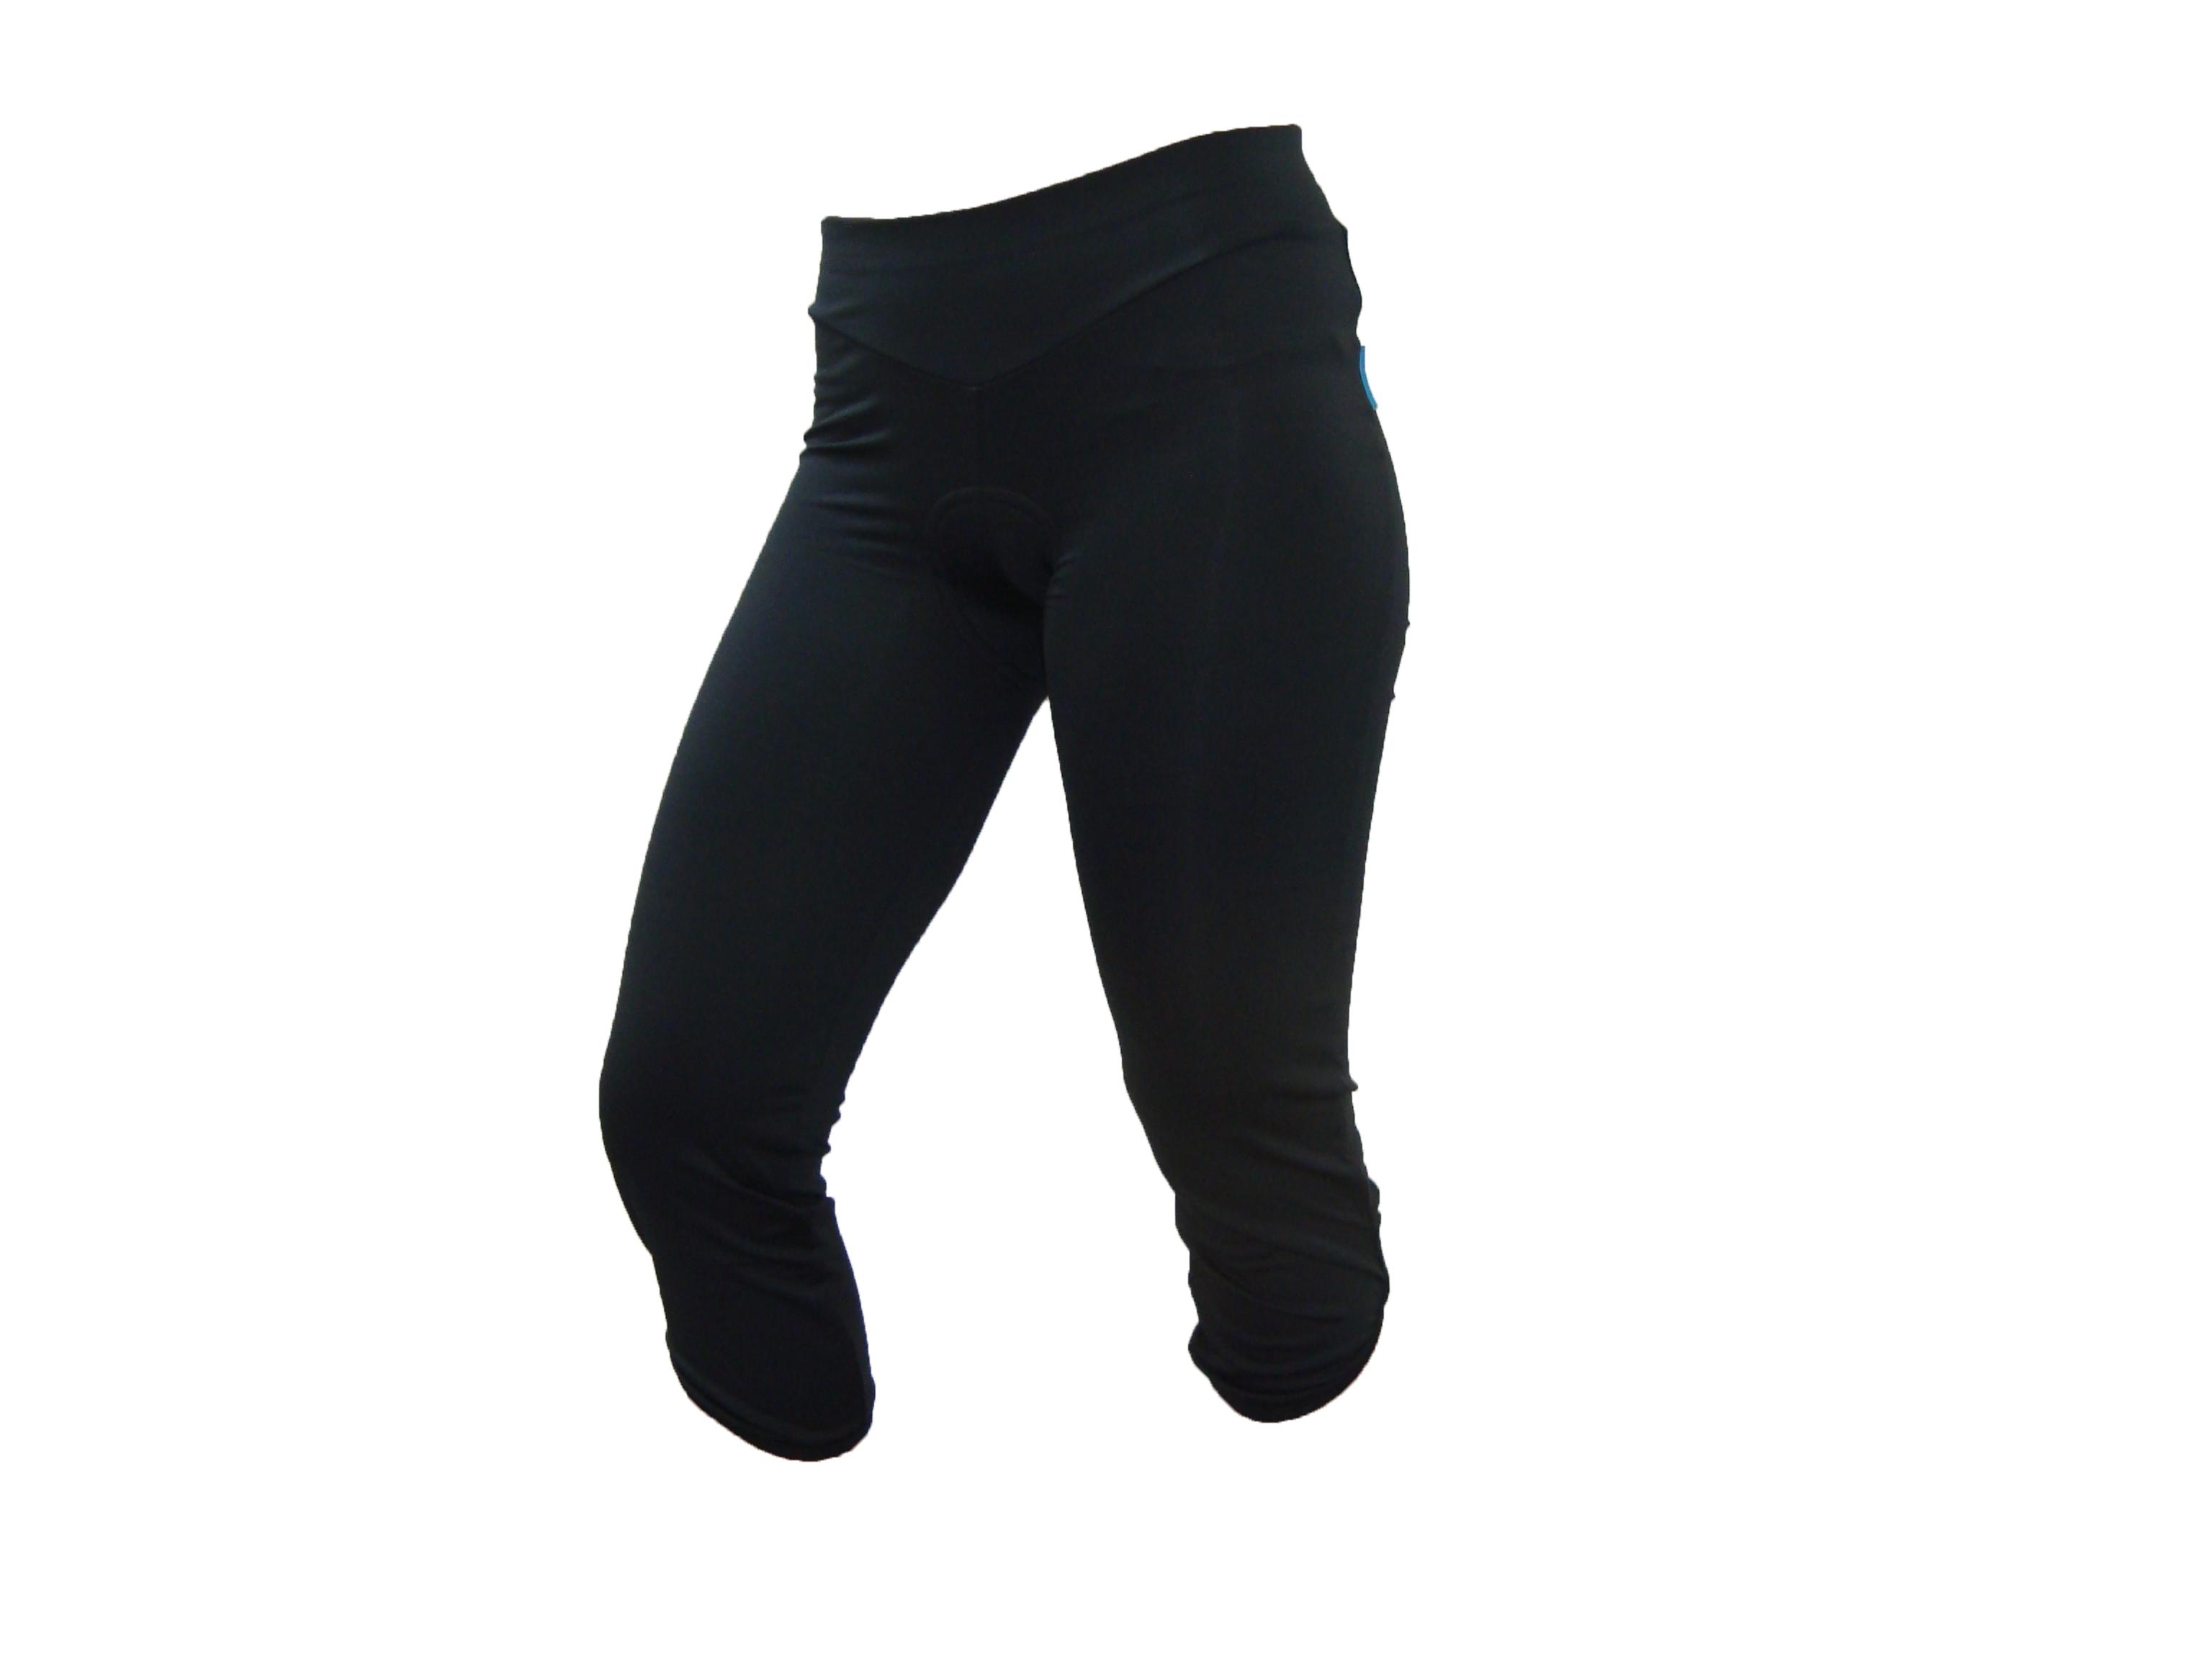 Shimano dámské 3/4 kalhoty, černá, S